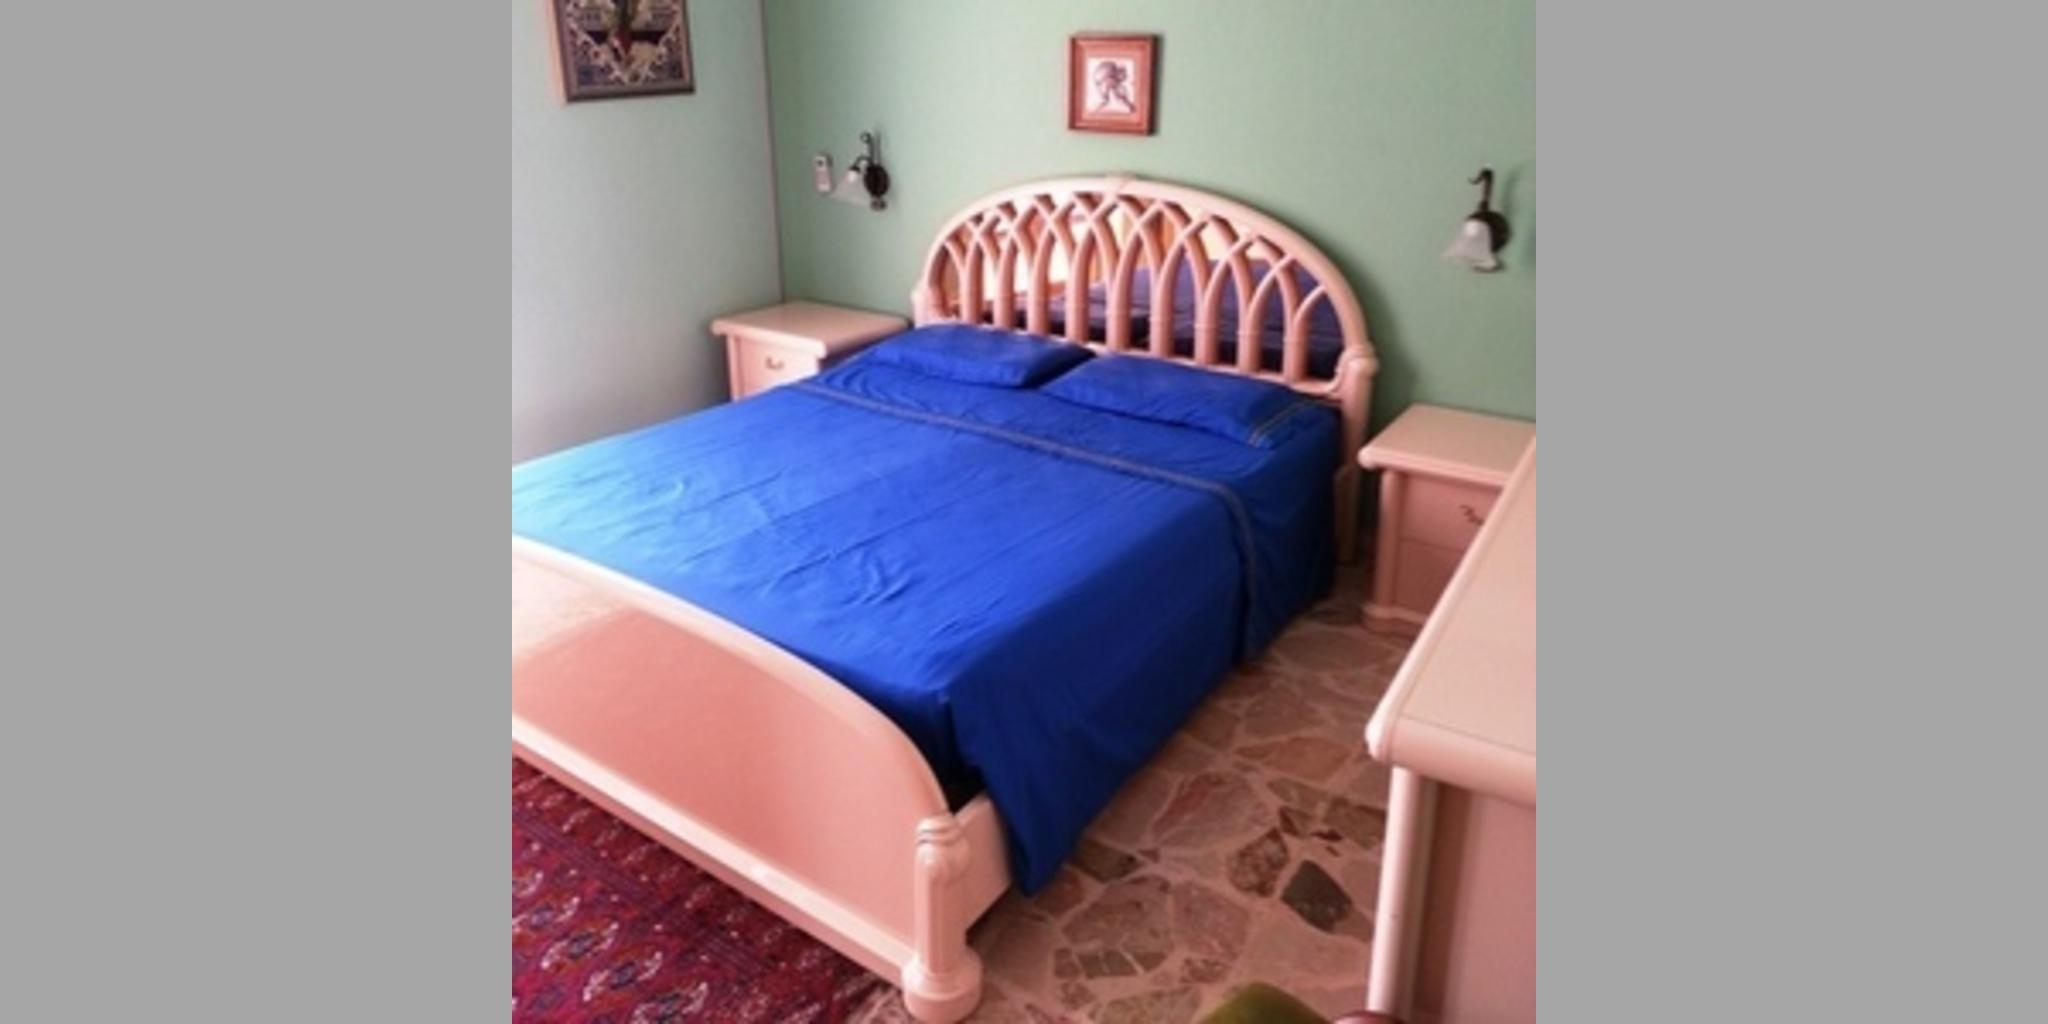 Bed & Breakfast Paternò - A 10 Minuti Da Etnaland